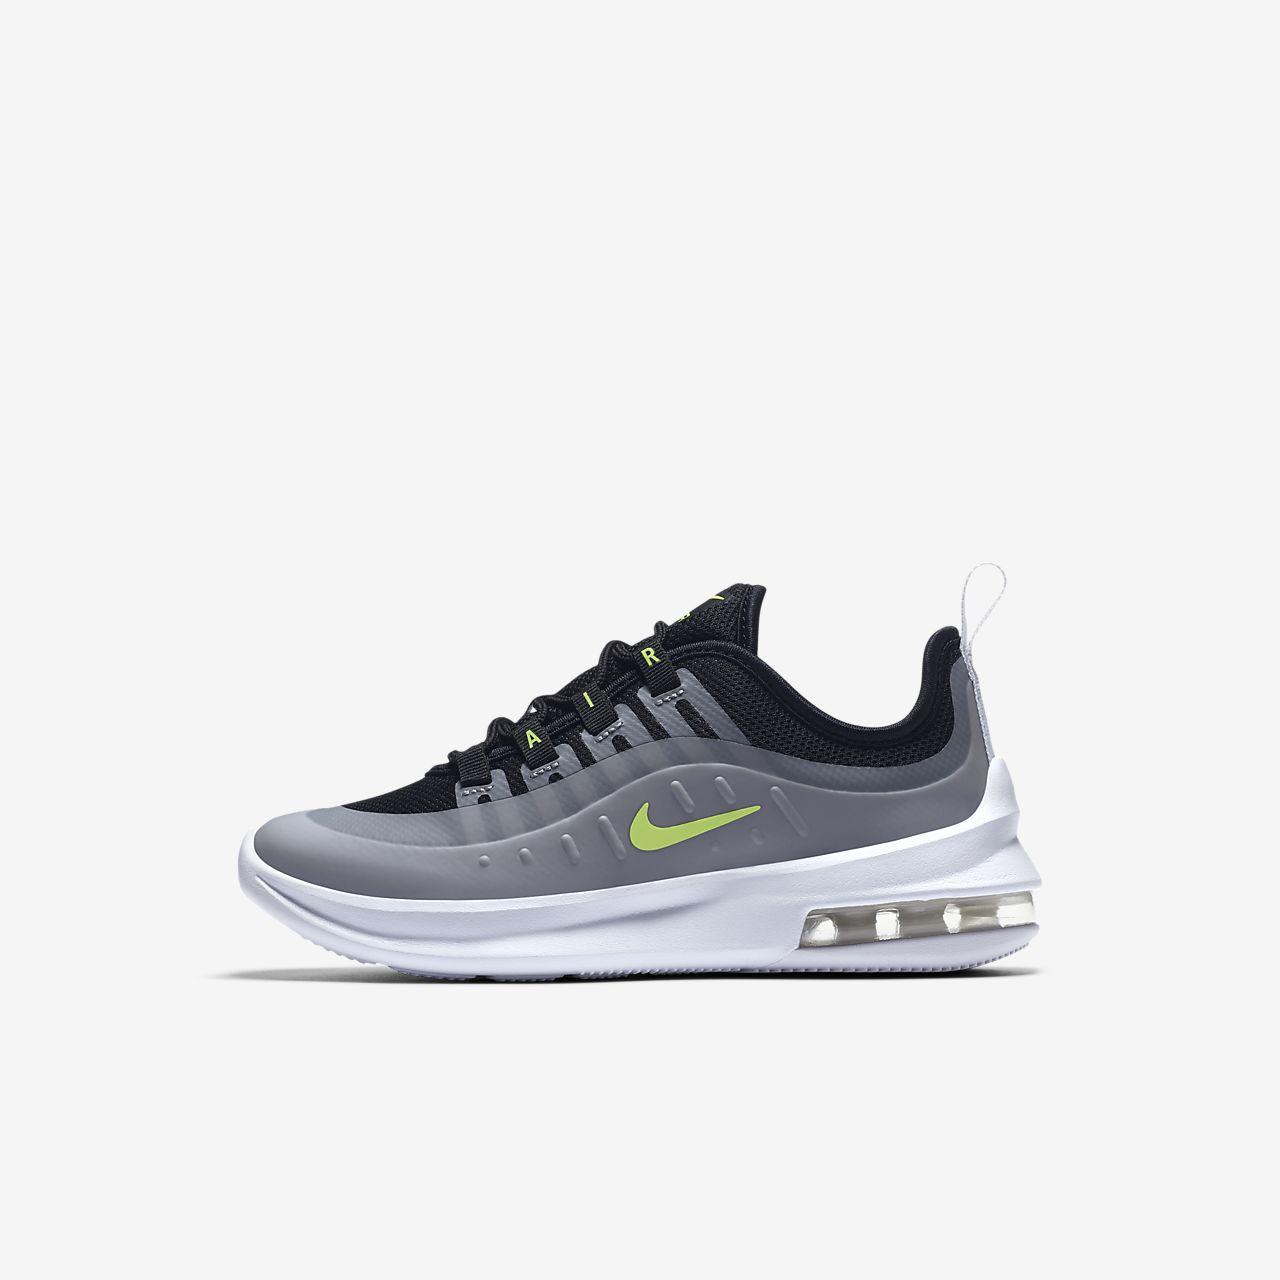 new concept d86a2 2d1b6 ... Nike Air Max Axis sko til små barn